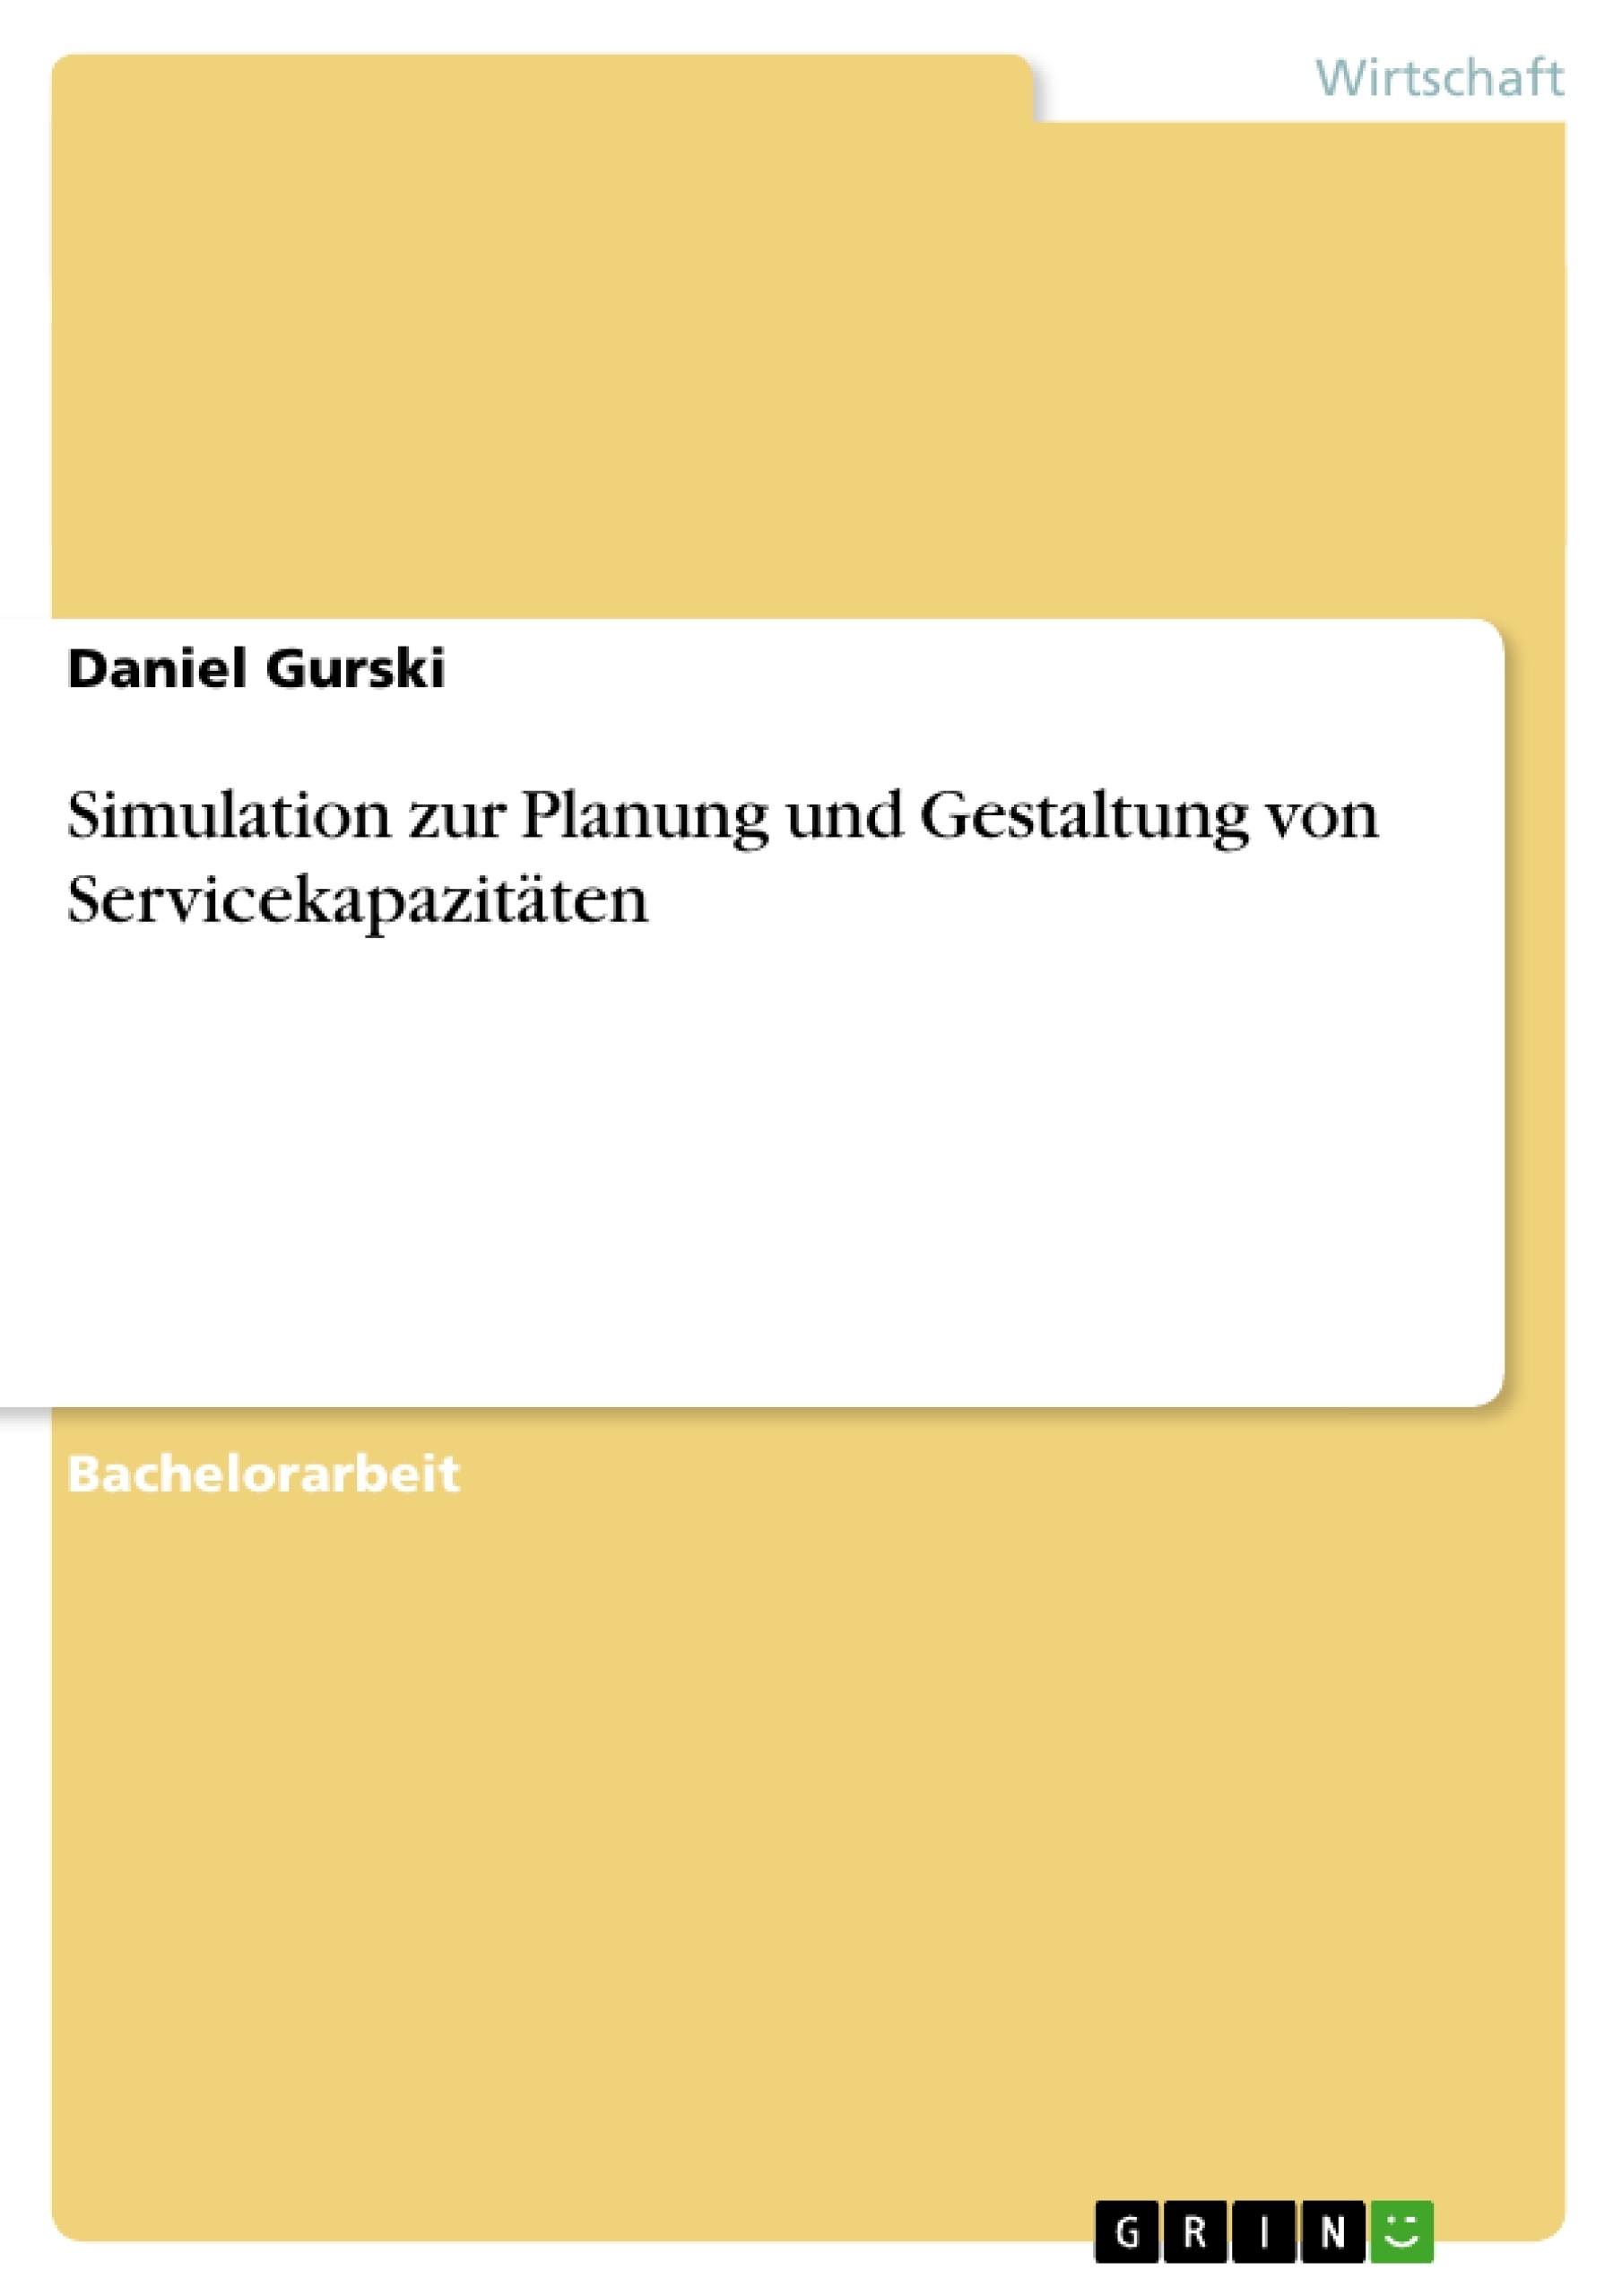 Titel: Simulation zur Planung und Gestaltung von Servicekapazitäten